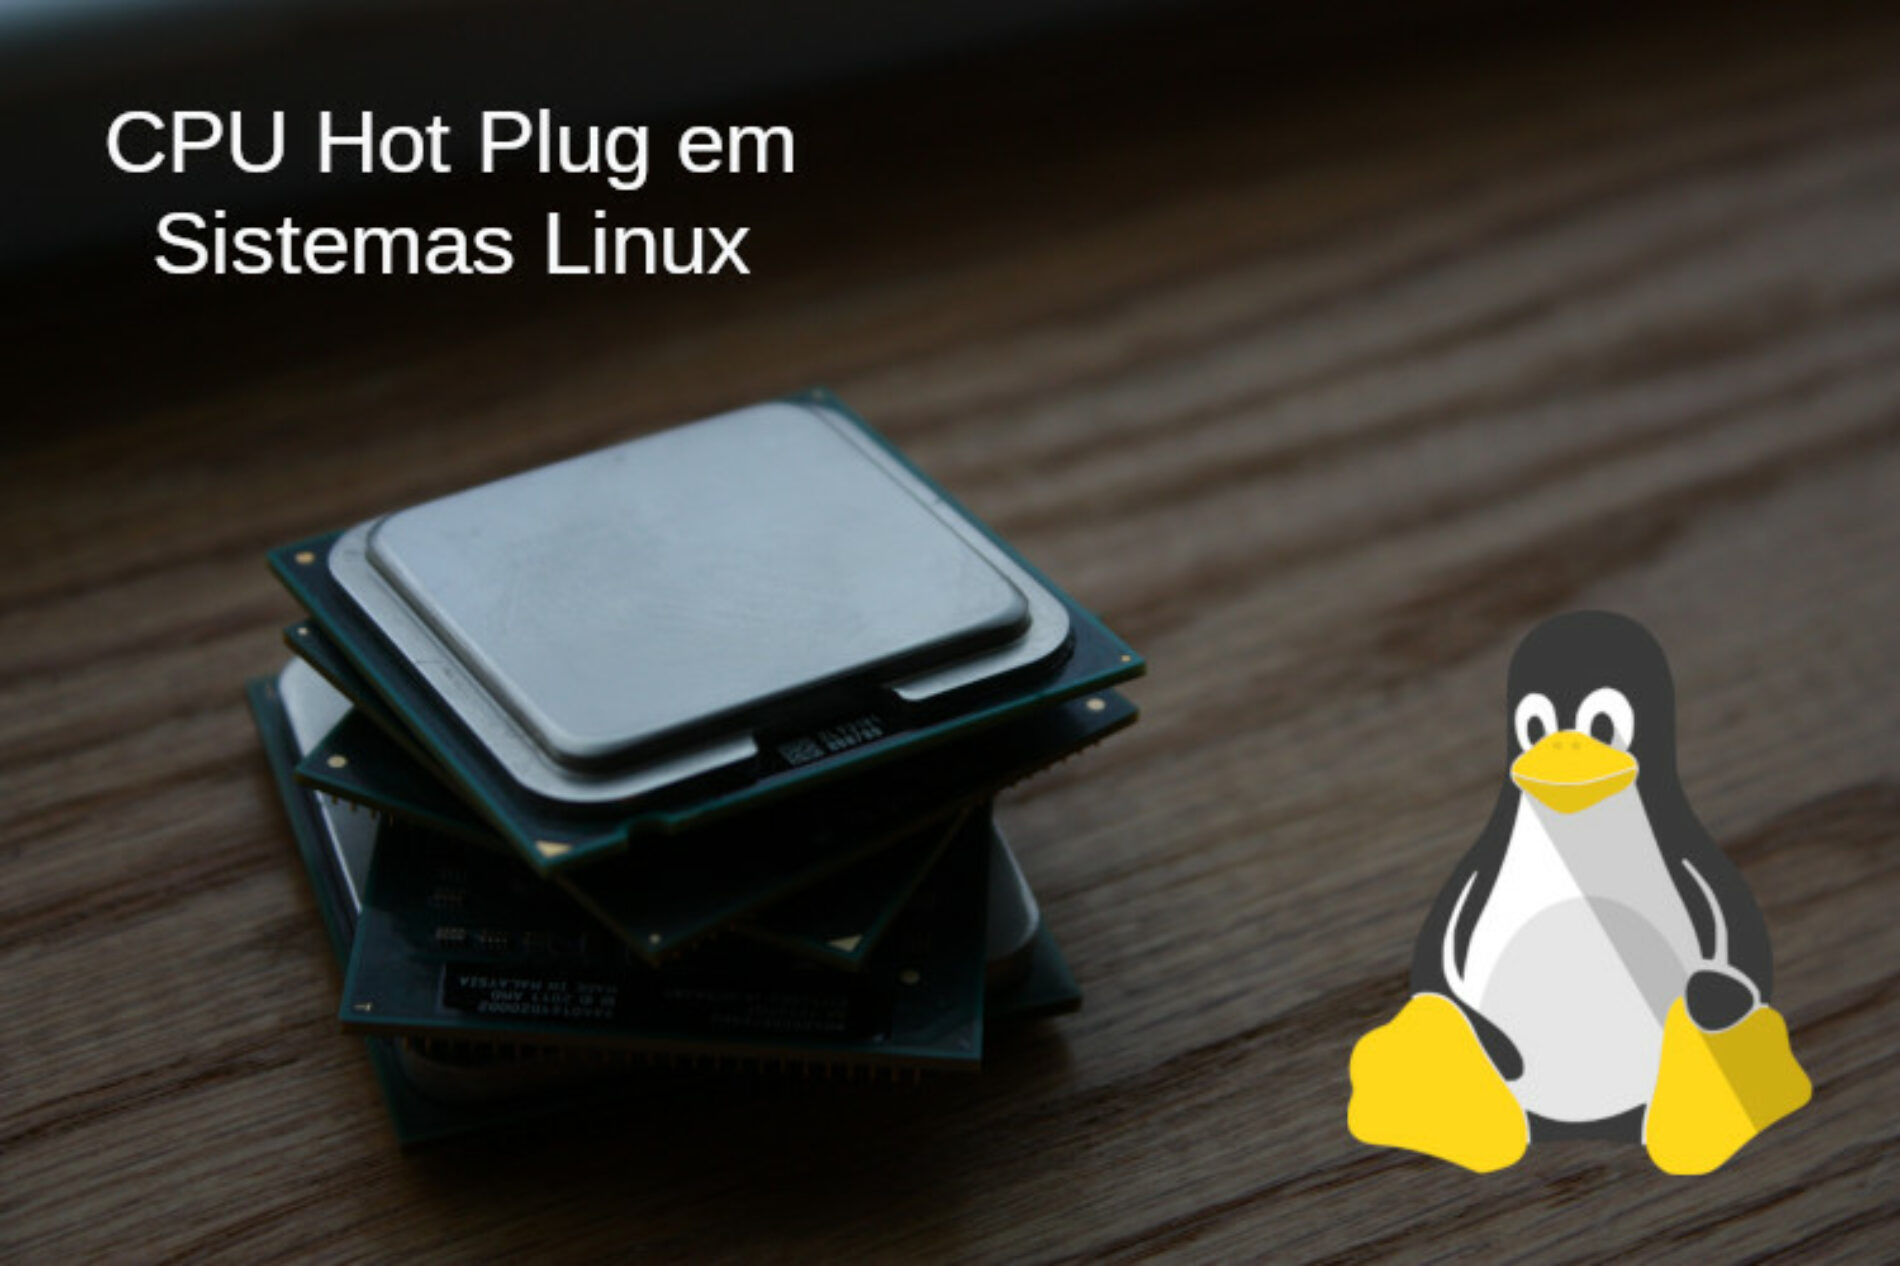 CPU Hot-Plug em Servidores Linux